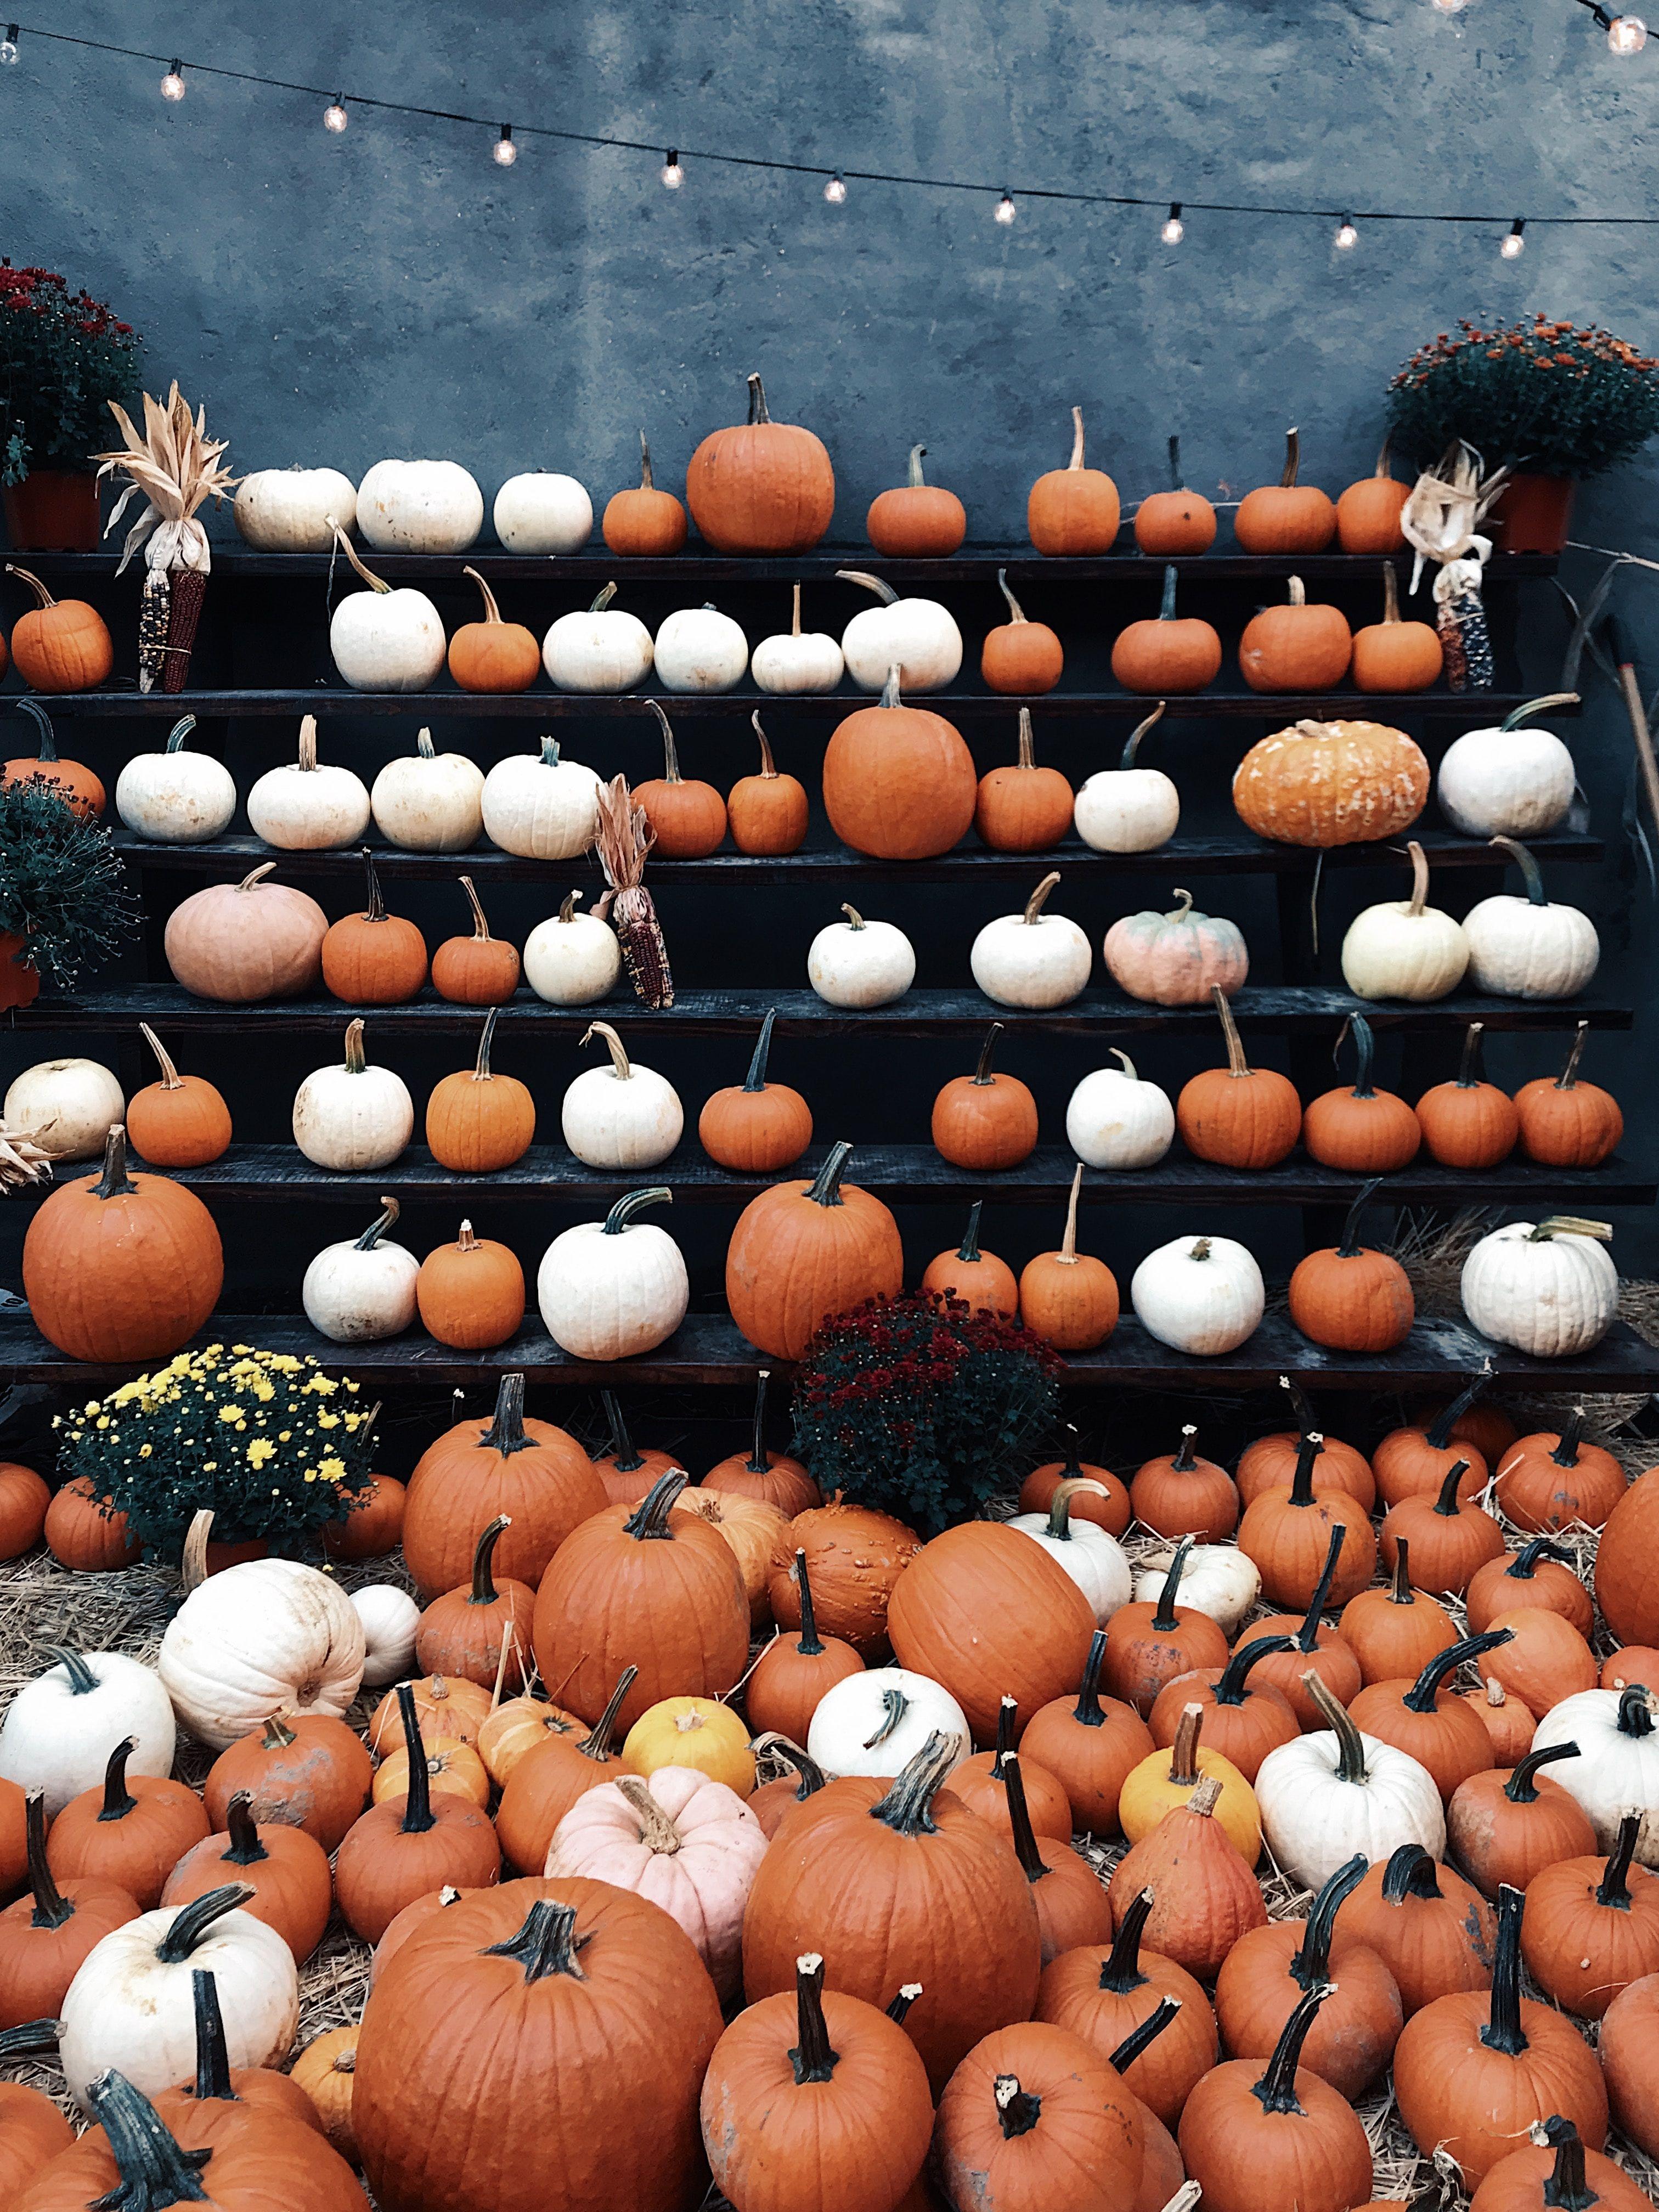 Halloween steht vor der Tür! Ihr seid immer noch auf der Suche nach cooler Deko, die nicht allzu kitschig oder völlig 0-8-15 ist? Dann haben wir 7 coole Halloween-Deko-Teile für euch aufgelistet. Viel Spaß damit und ein schaurig schönes Halloween!  #halloween #halloweendeko  Photo by Jon Tyson on Unsplash